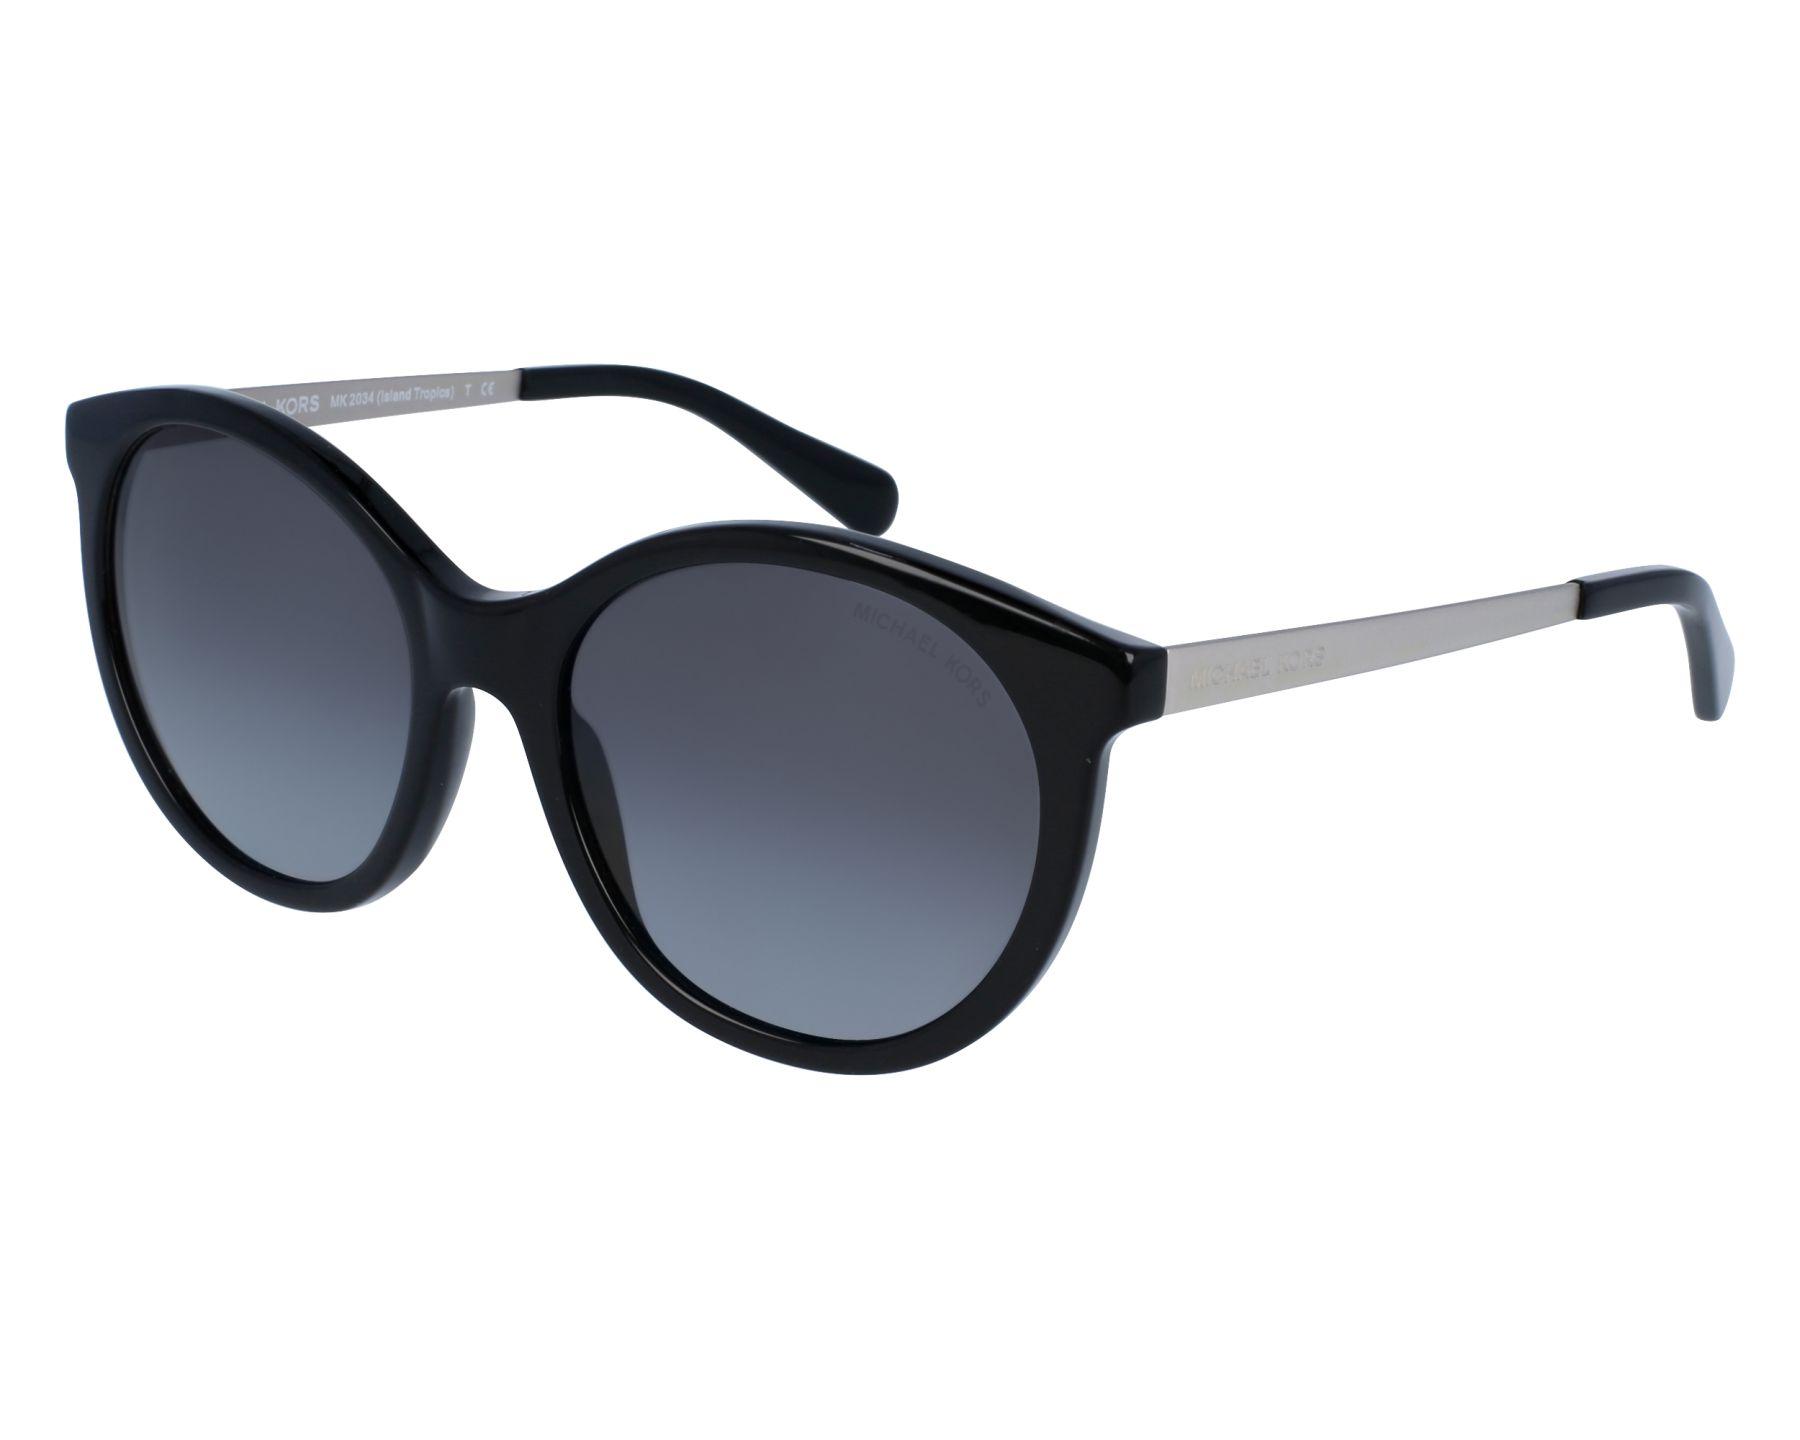 471d3d1ce4b4e Sunglasses Michael Kors MK-2034 3204T3 55-18 Black Silver front view